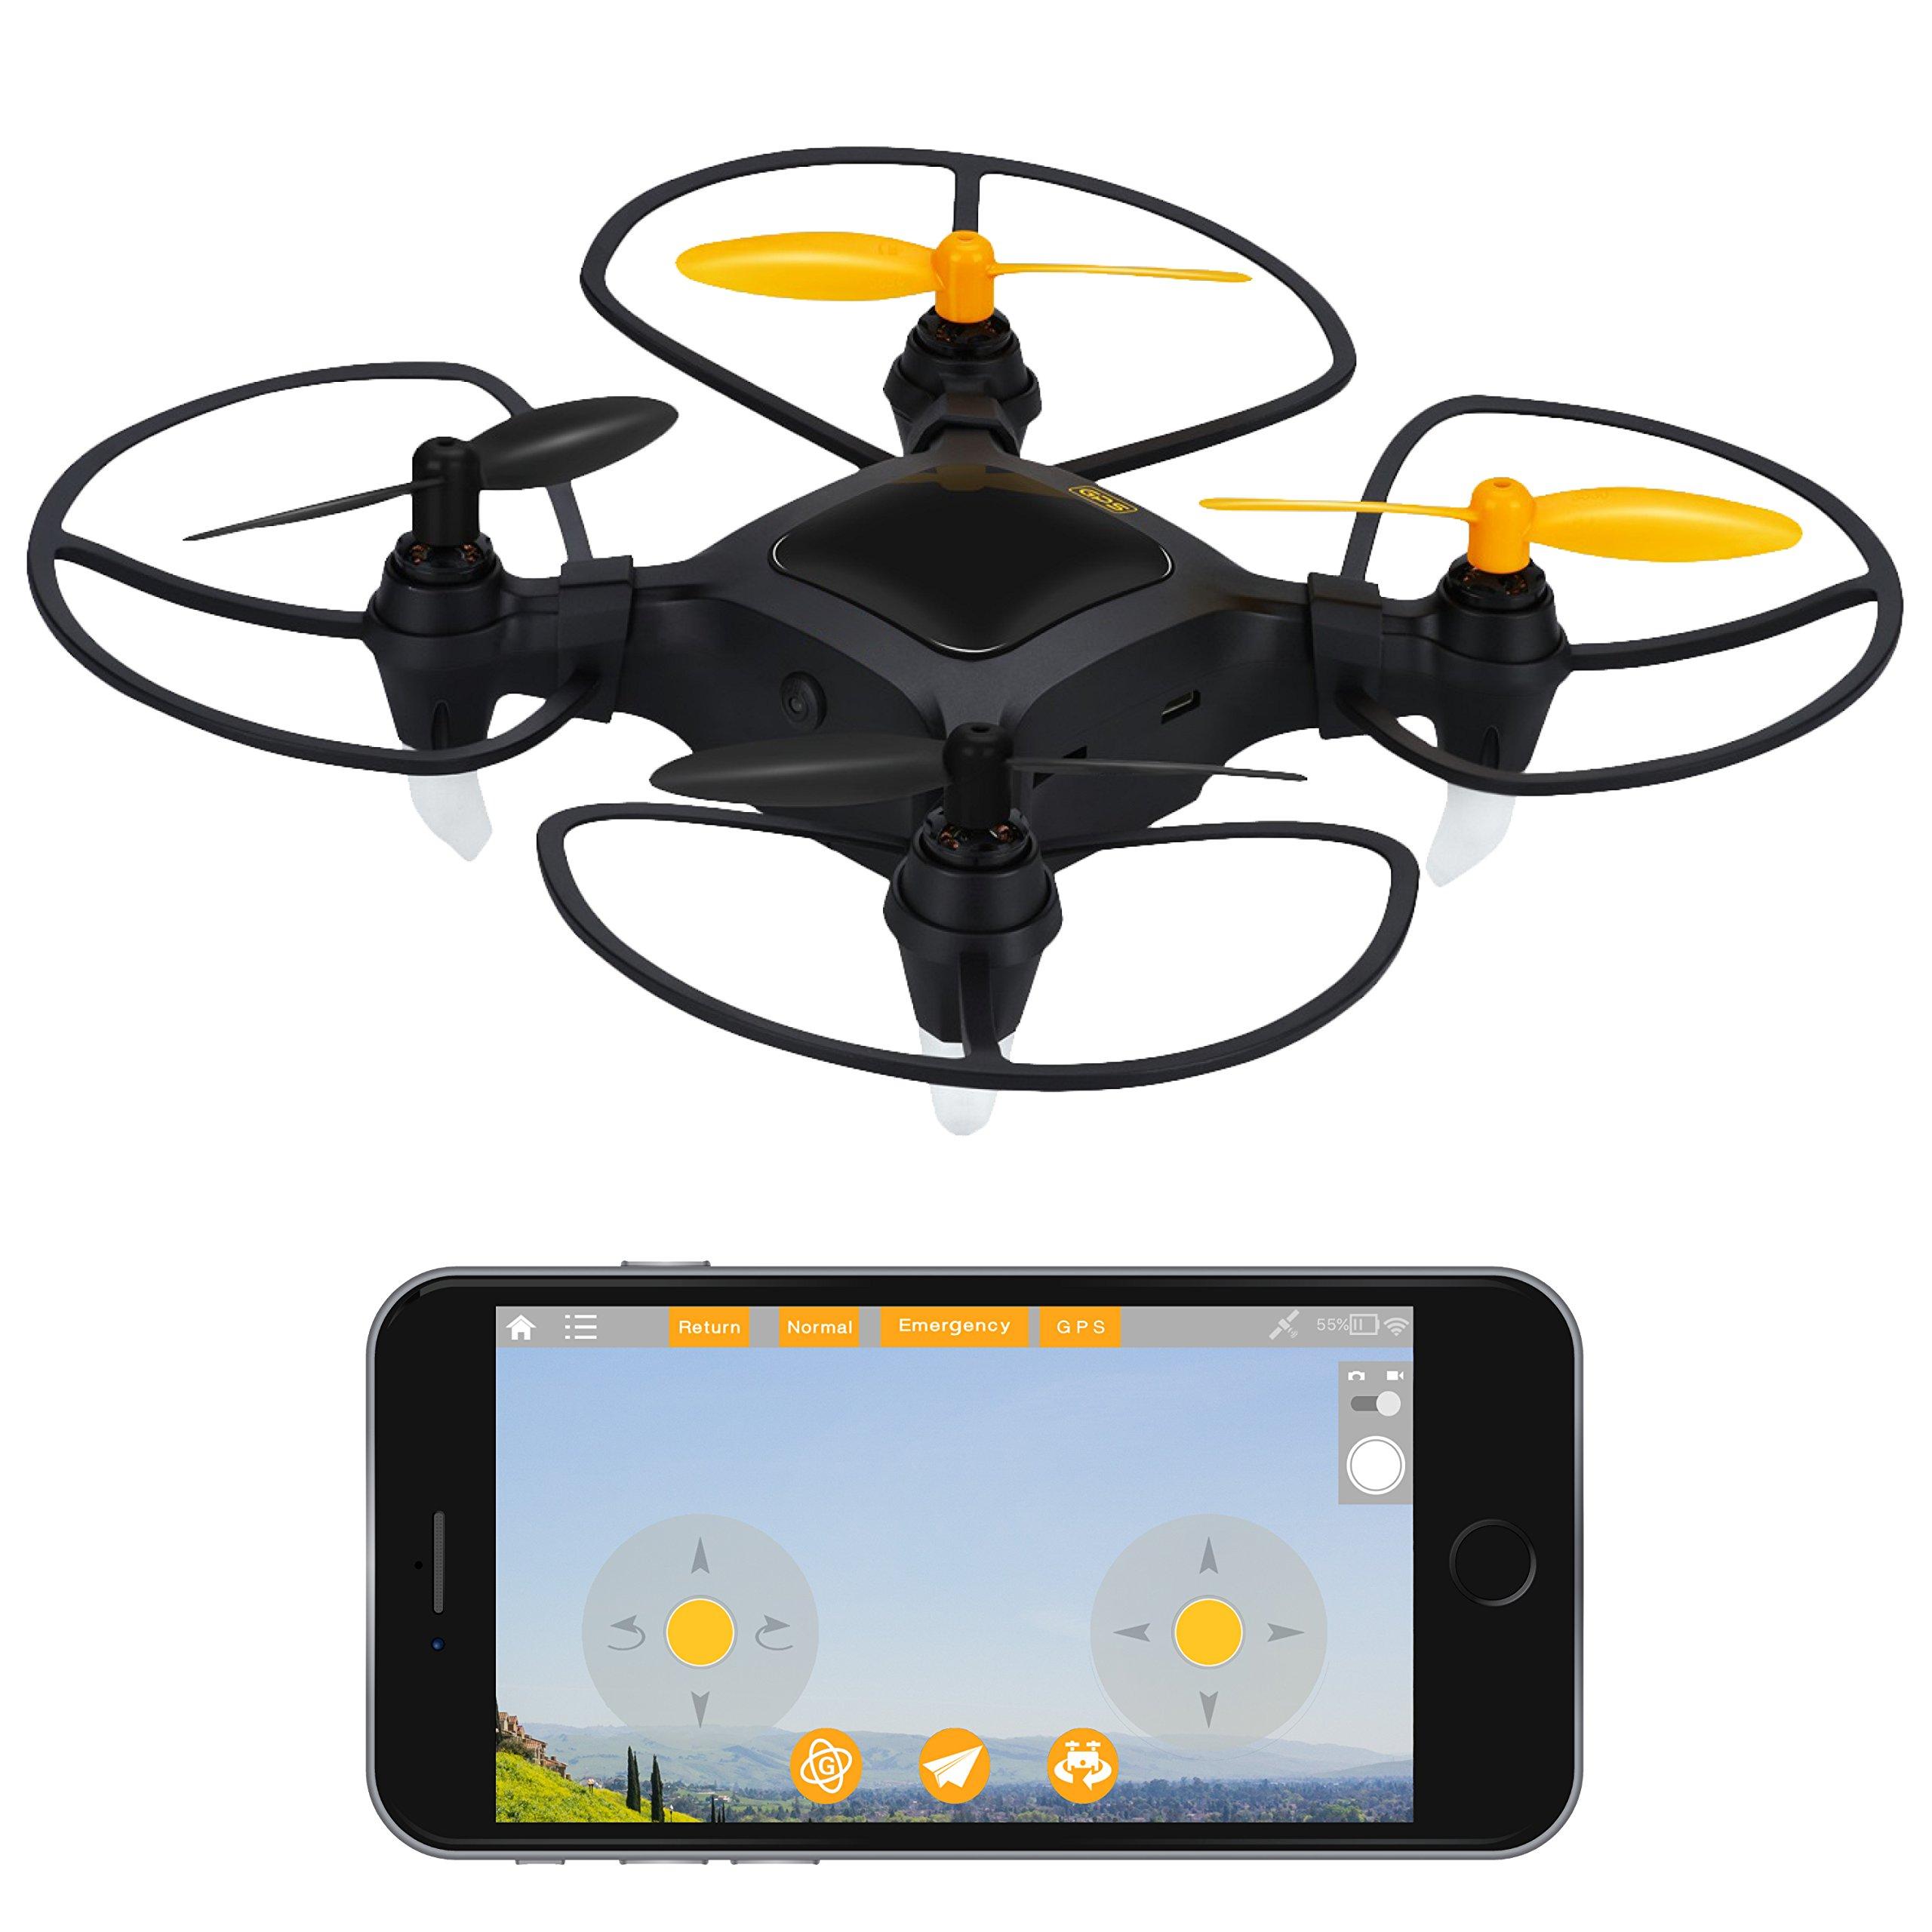 """Force1 Quadcopter Drone with Camera Live Video Nano Drone"""" 1080p Mini Camera Drone w/ GPS for Beginners Outdoor + Indoor Mini Drone Quadcopter Fun"""